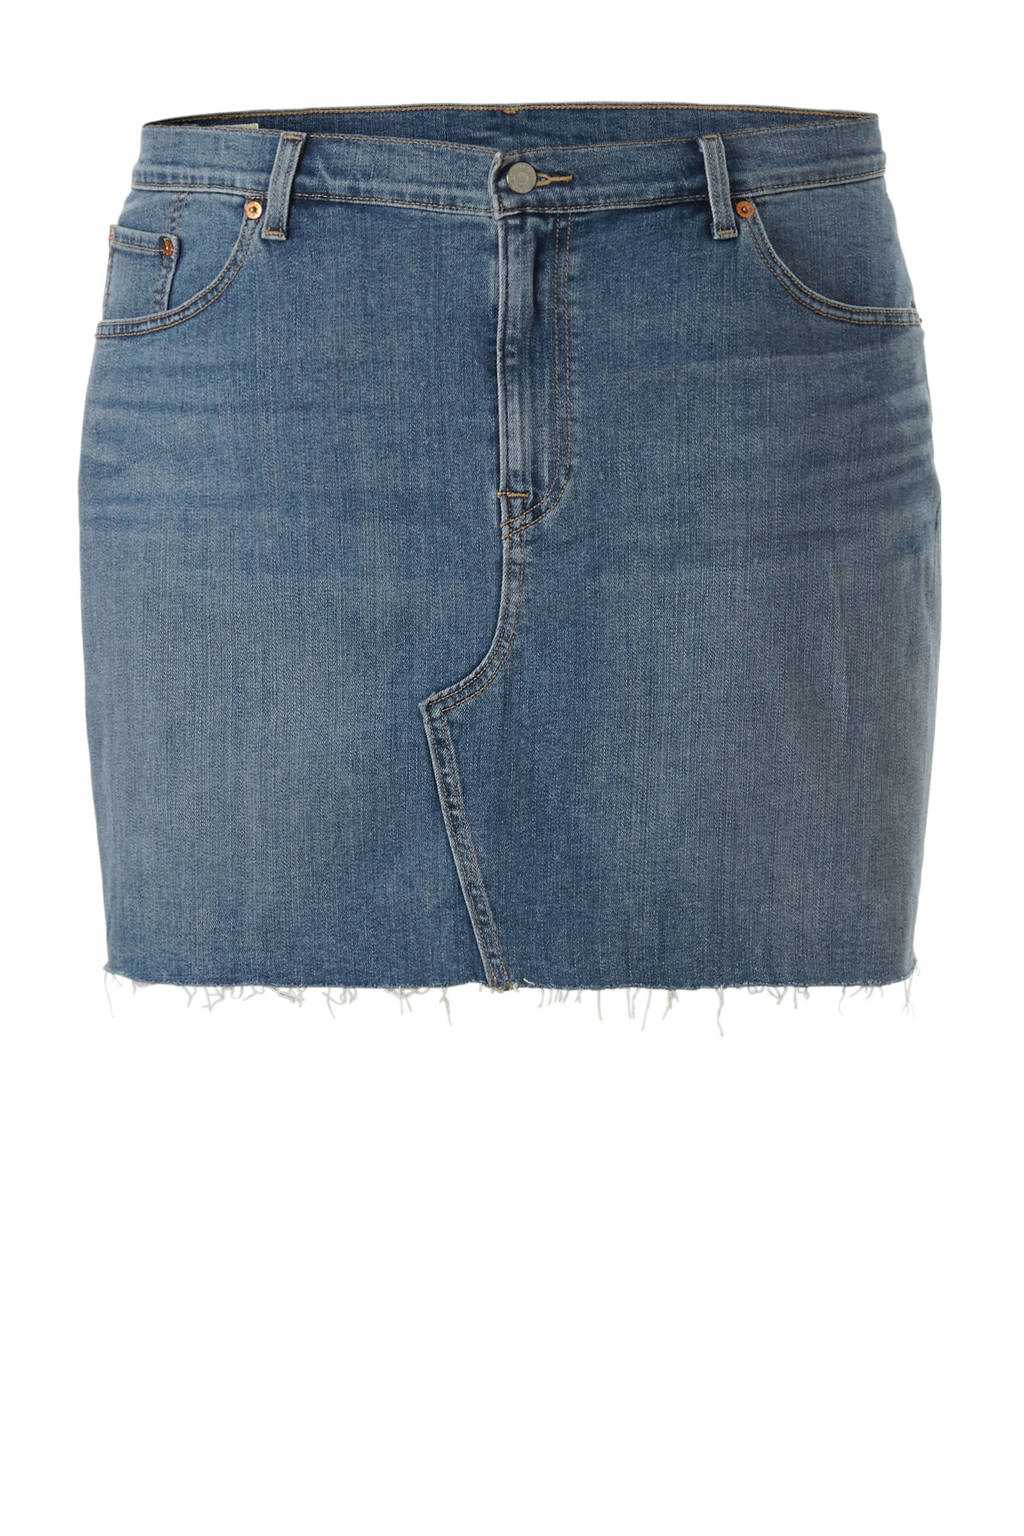 Levi's Plus denim rok, licht blauw